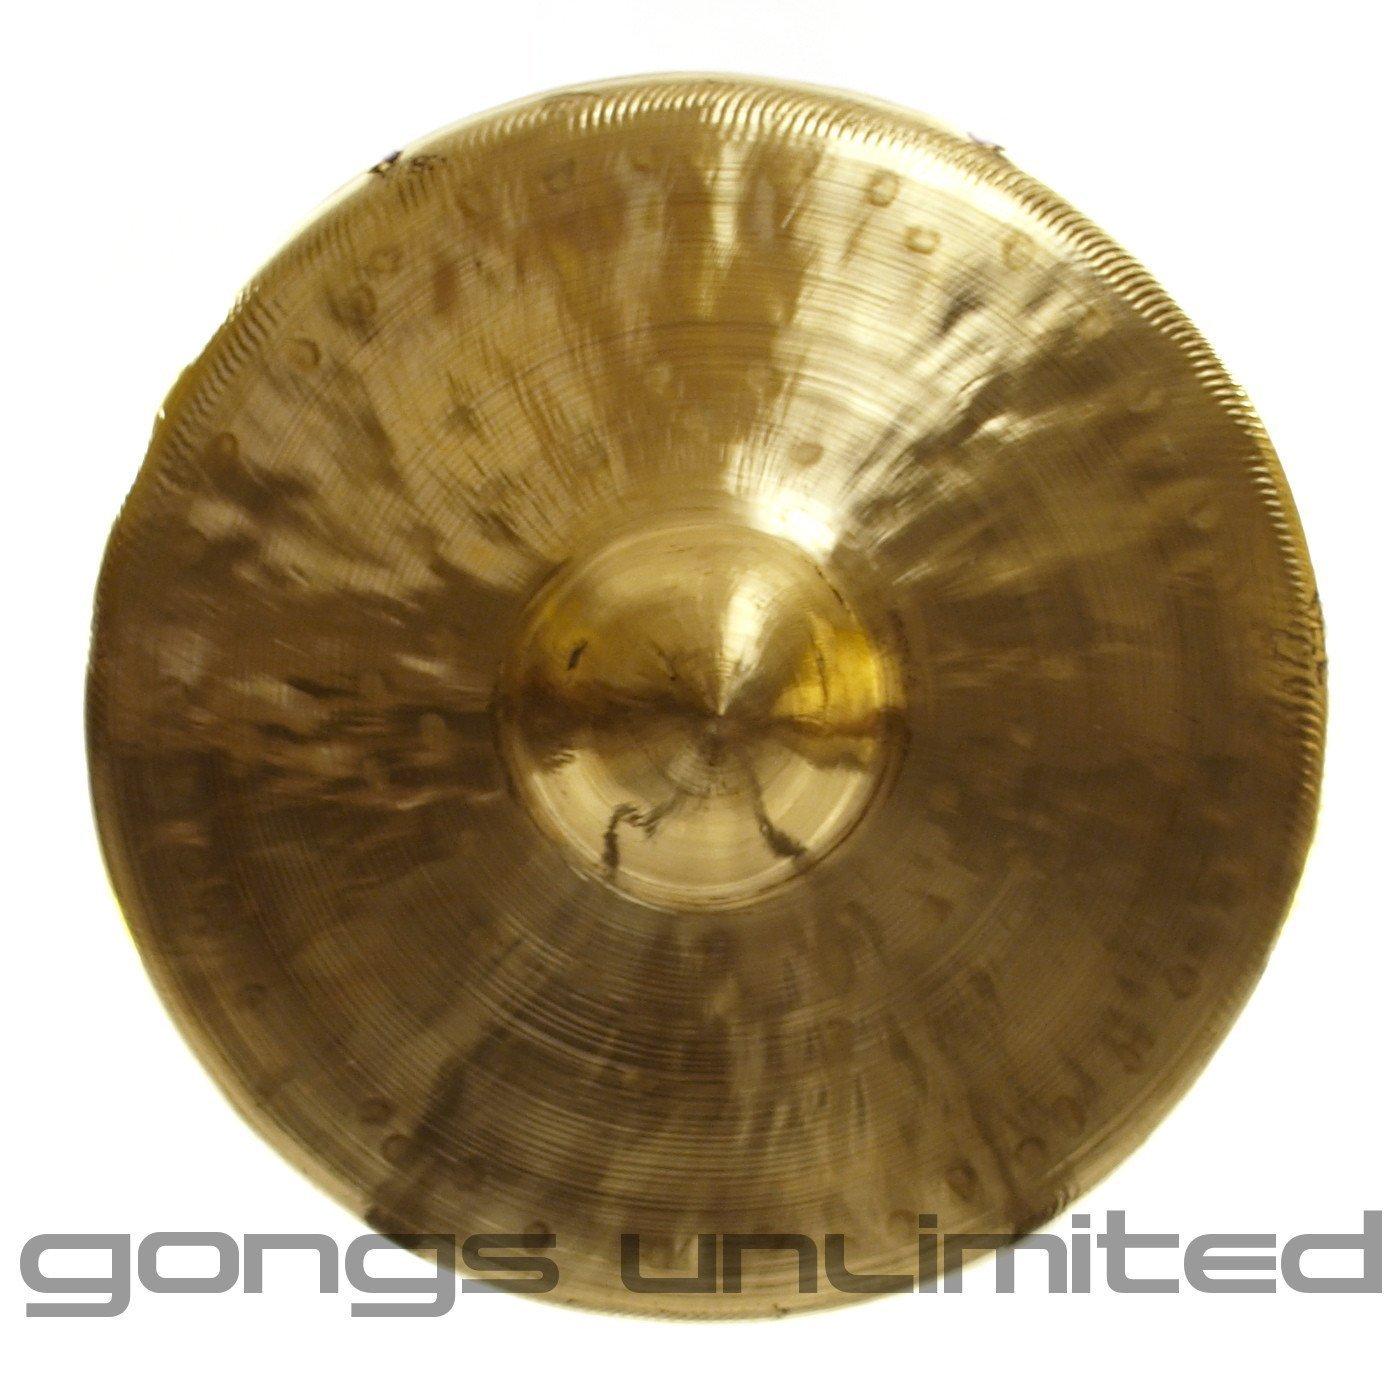 Unlimited Bao Gongs